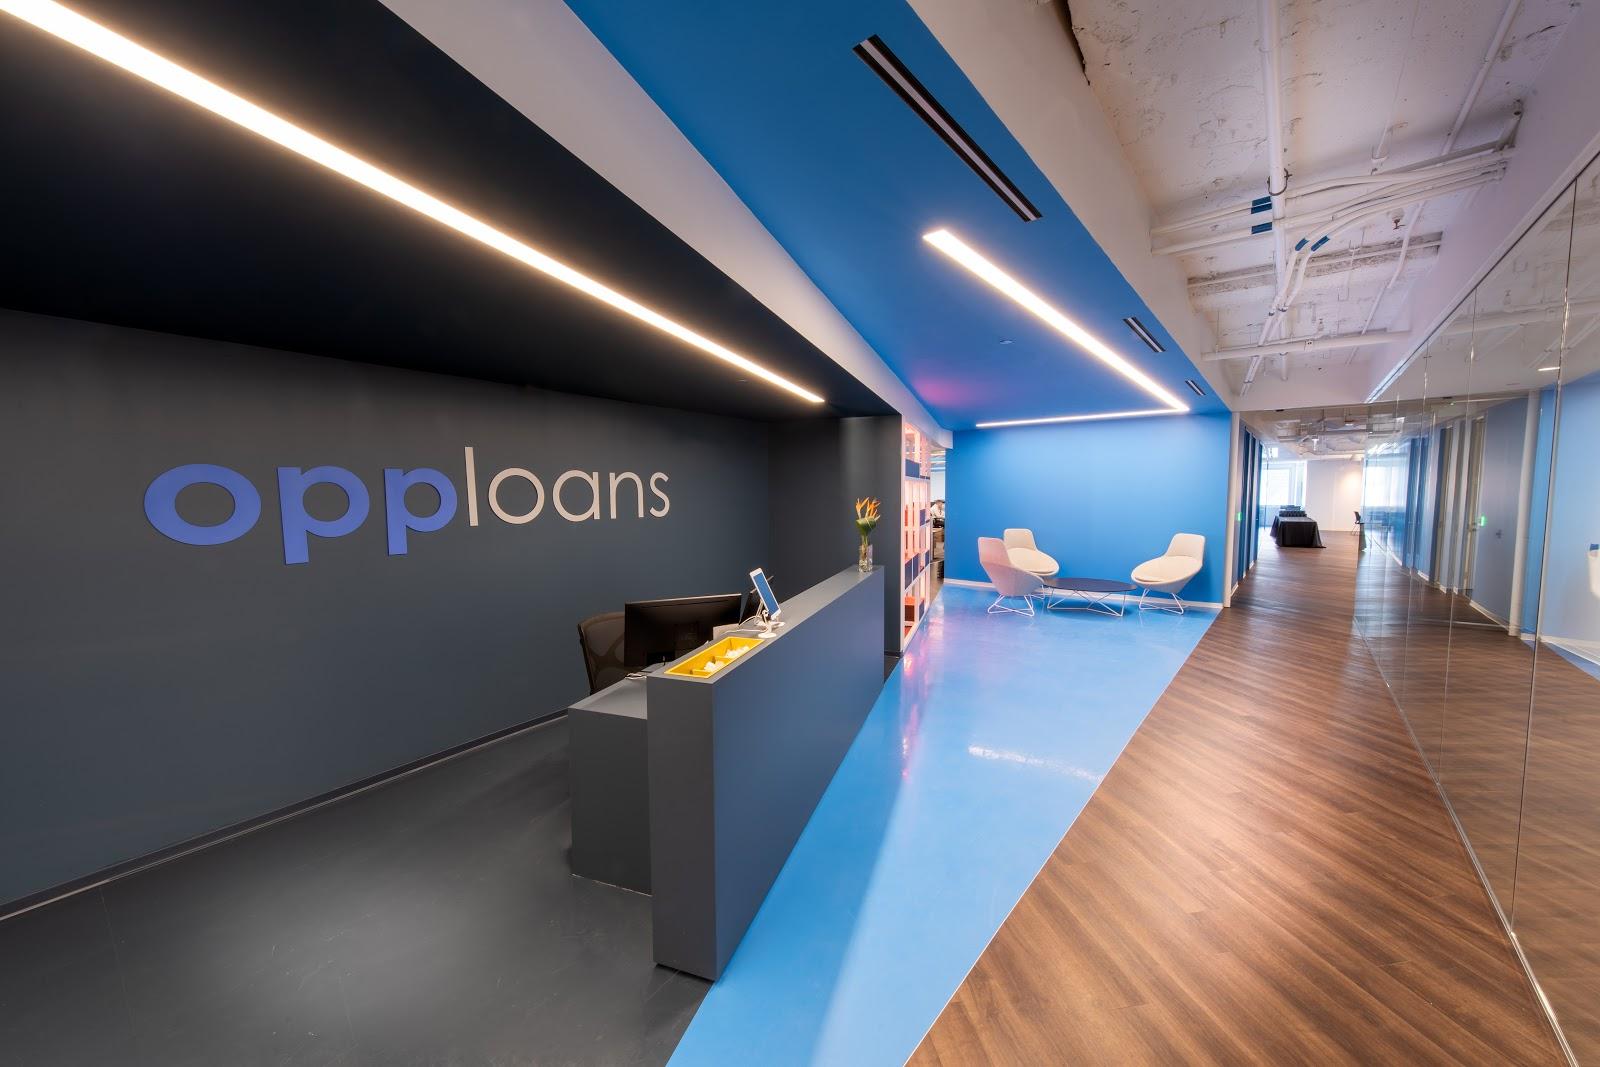 OppLoans modern offices